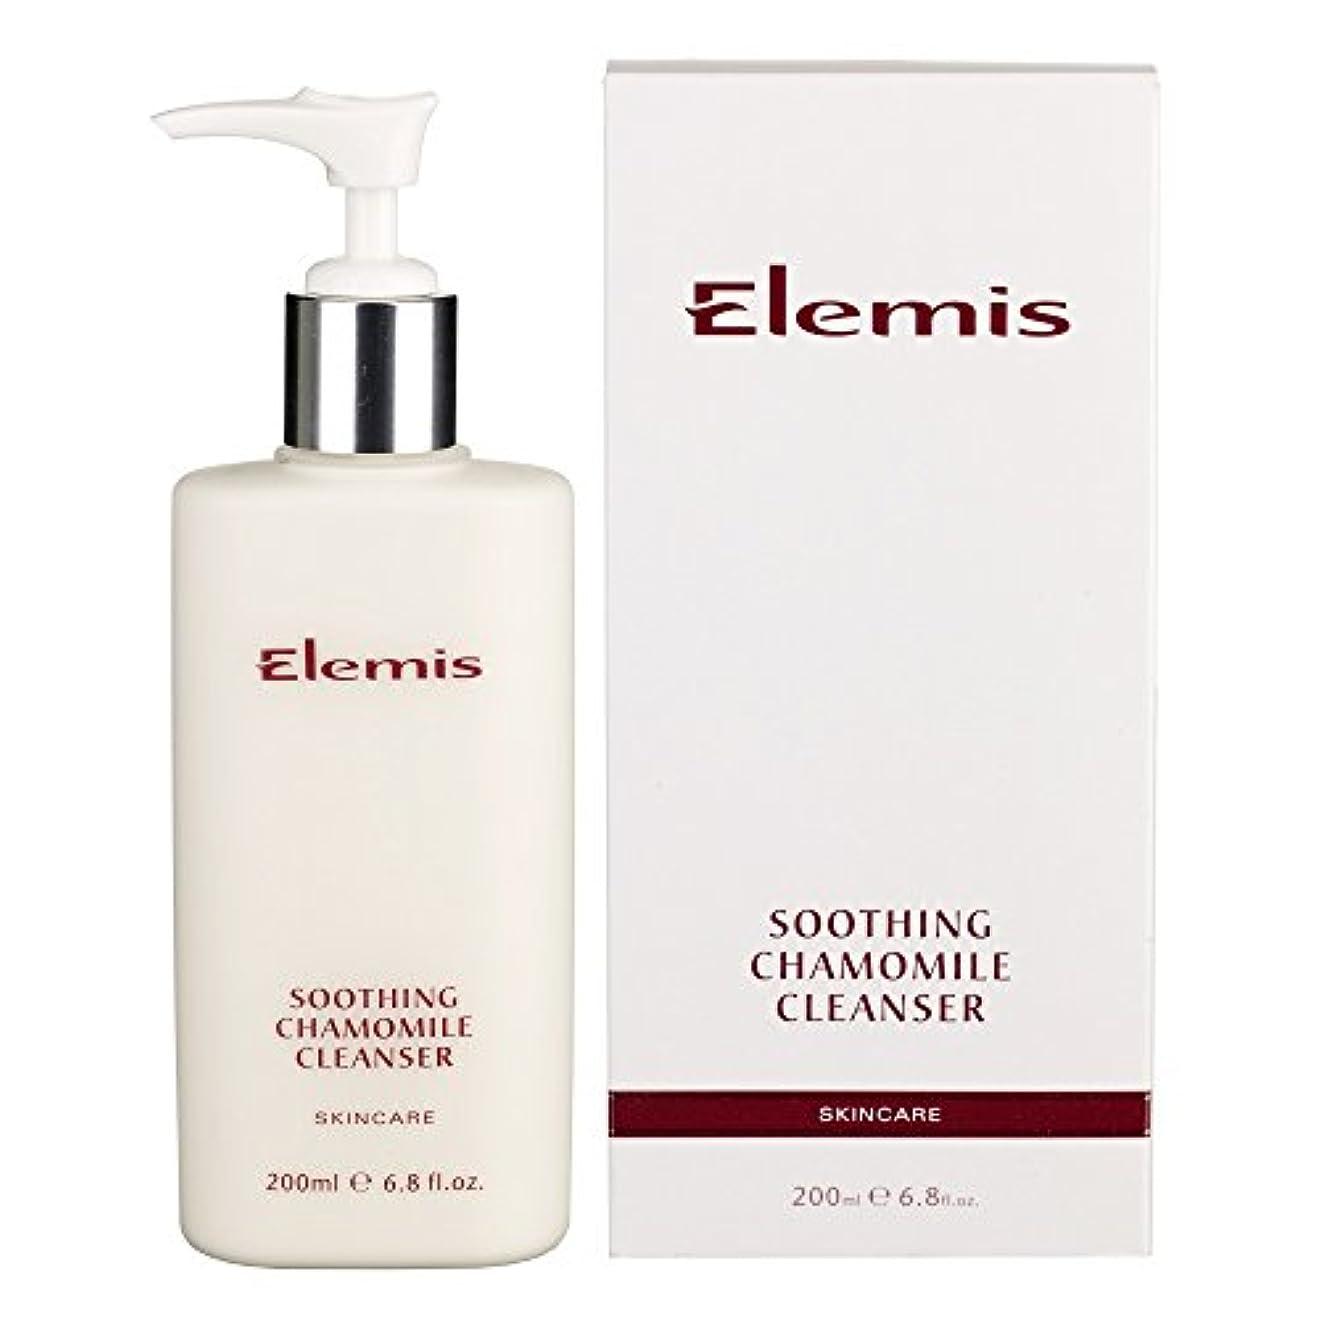 性交顕著価値エレミスはカモミールクレンザーをなだめるスキンケア (Elemis) - Elemis Skincare Soothing Chamomile Cleanser [並行輸入品]